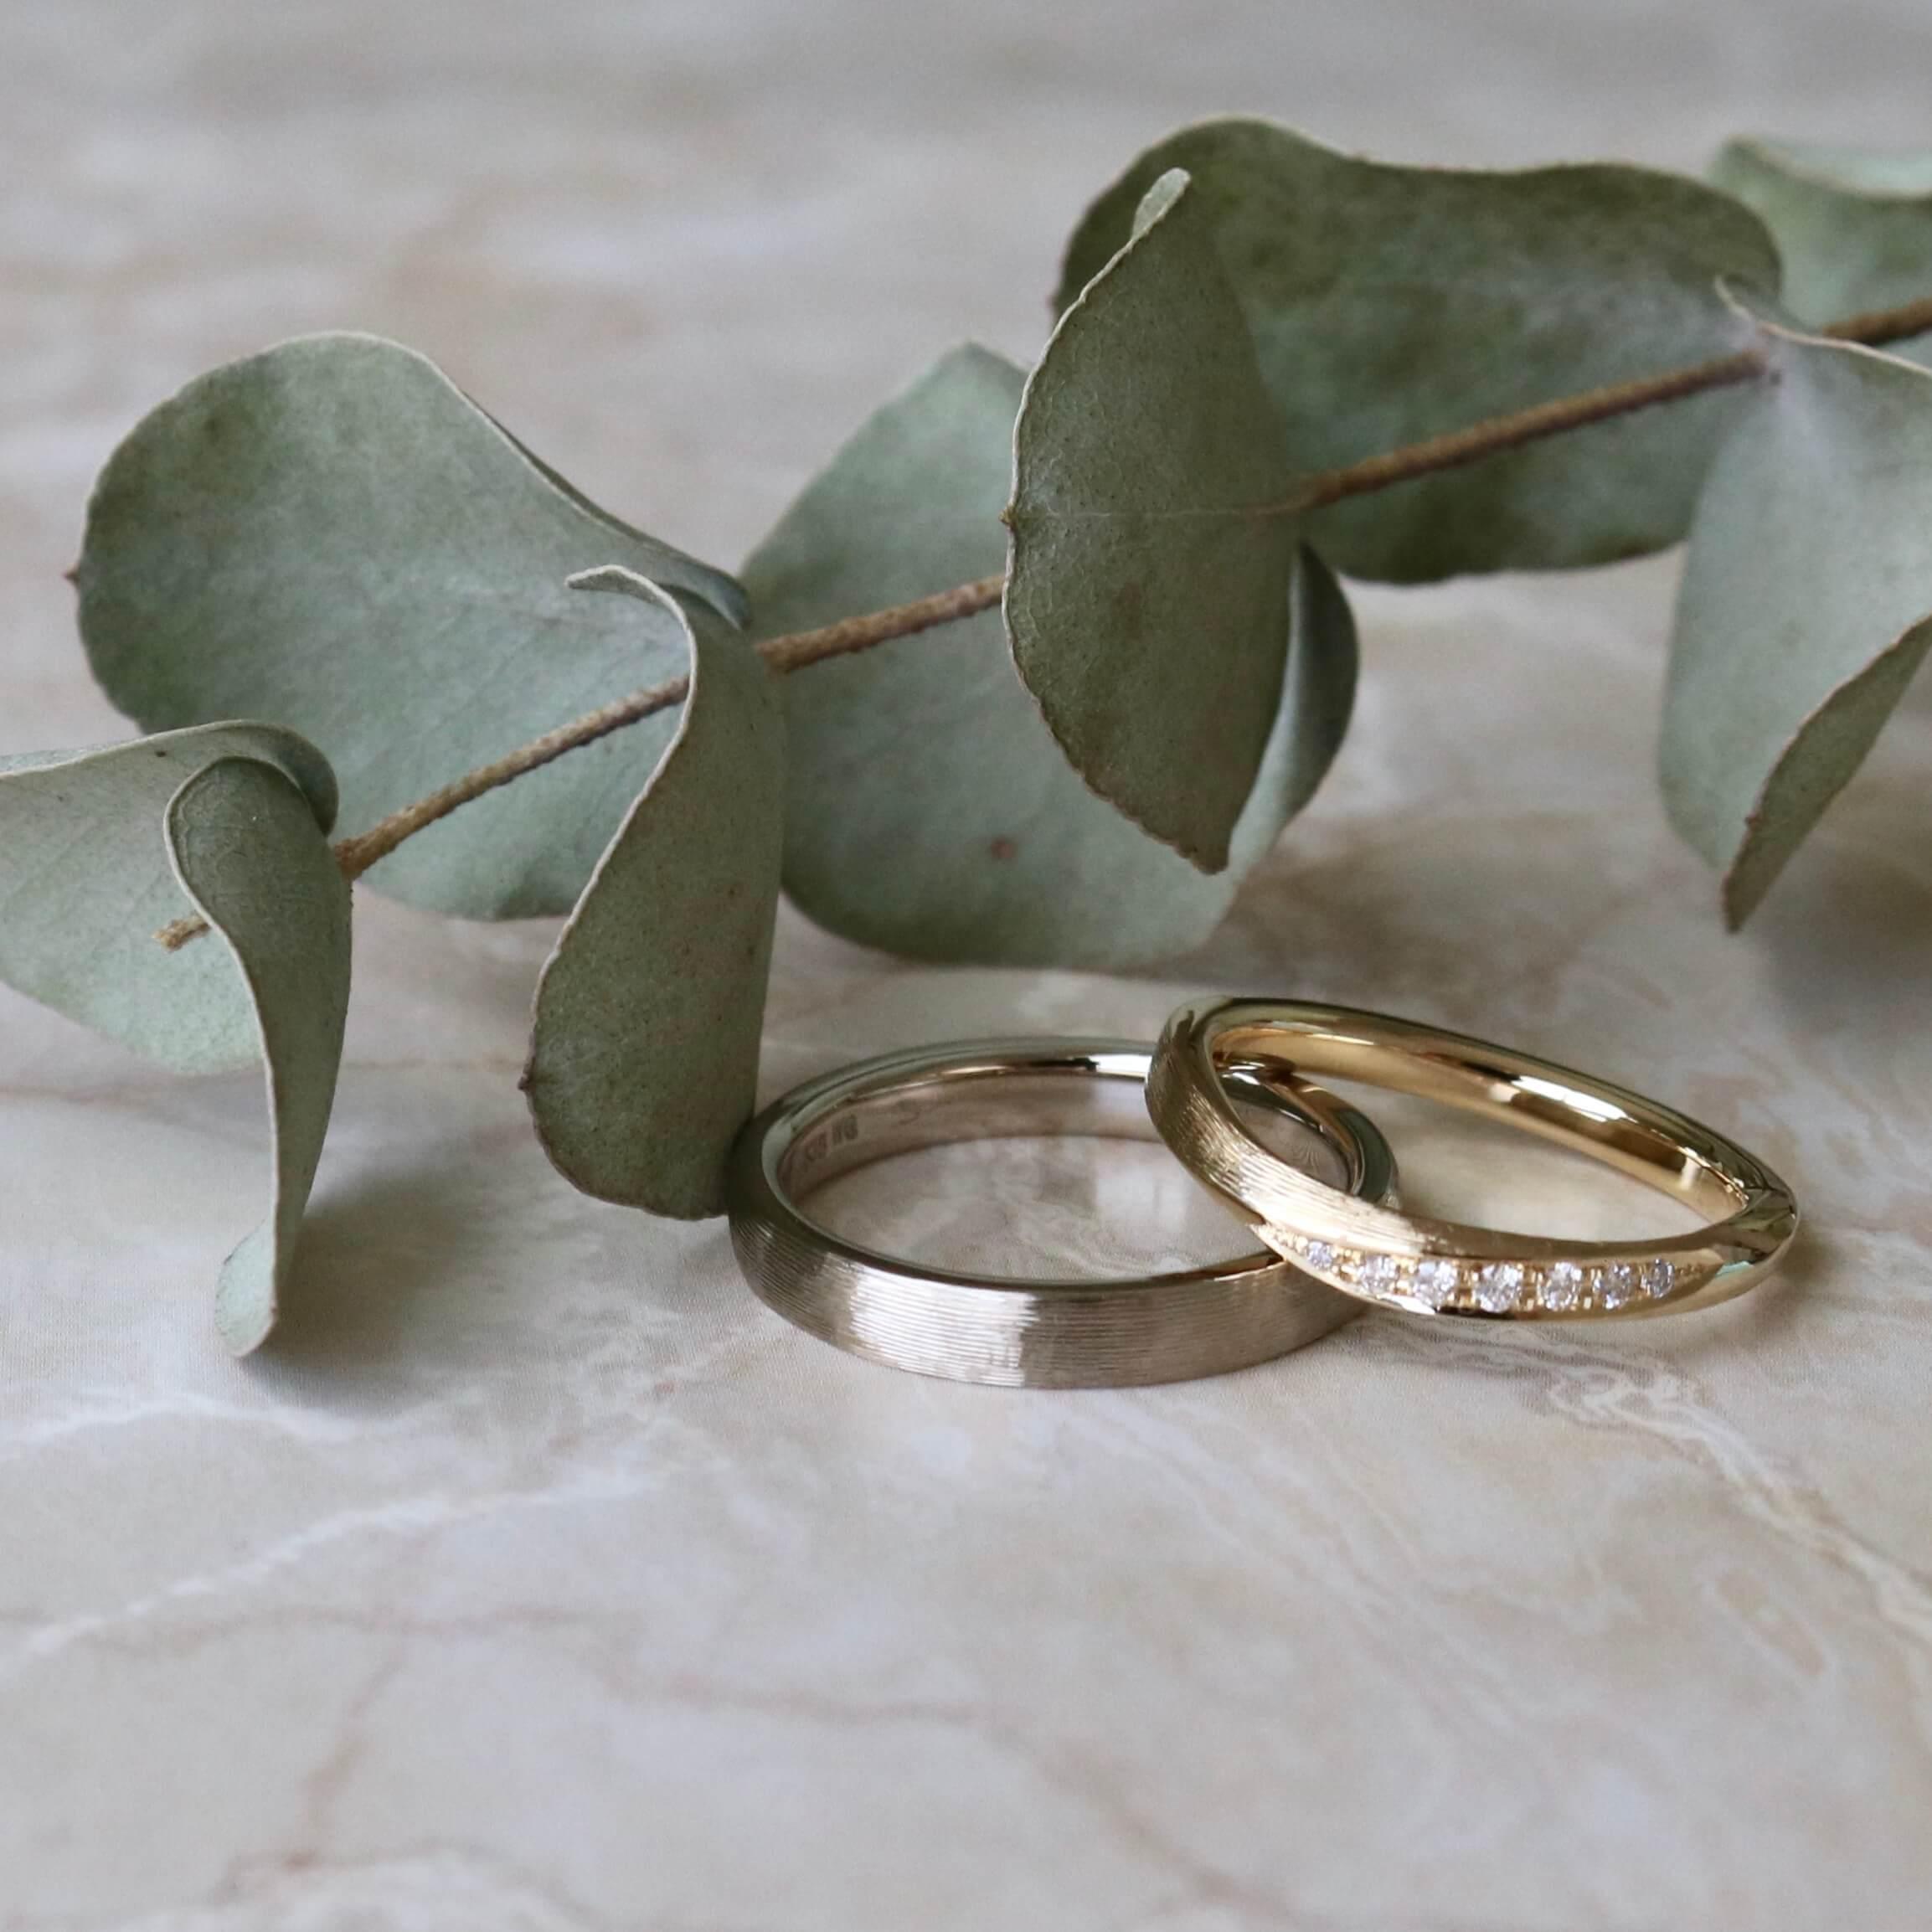 イエローゴールドとホワイトゴールドの結婚指輪